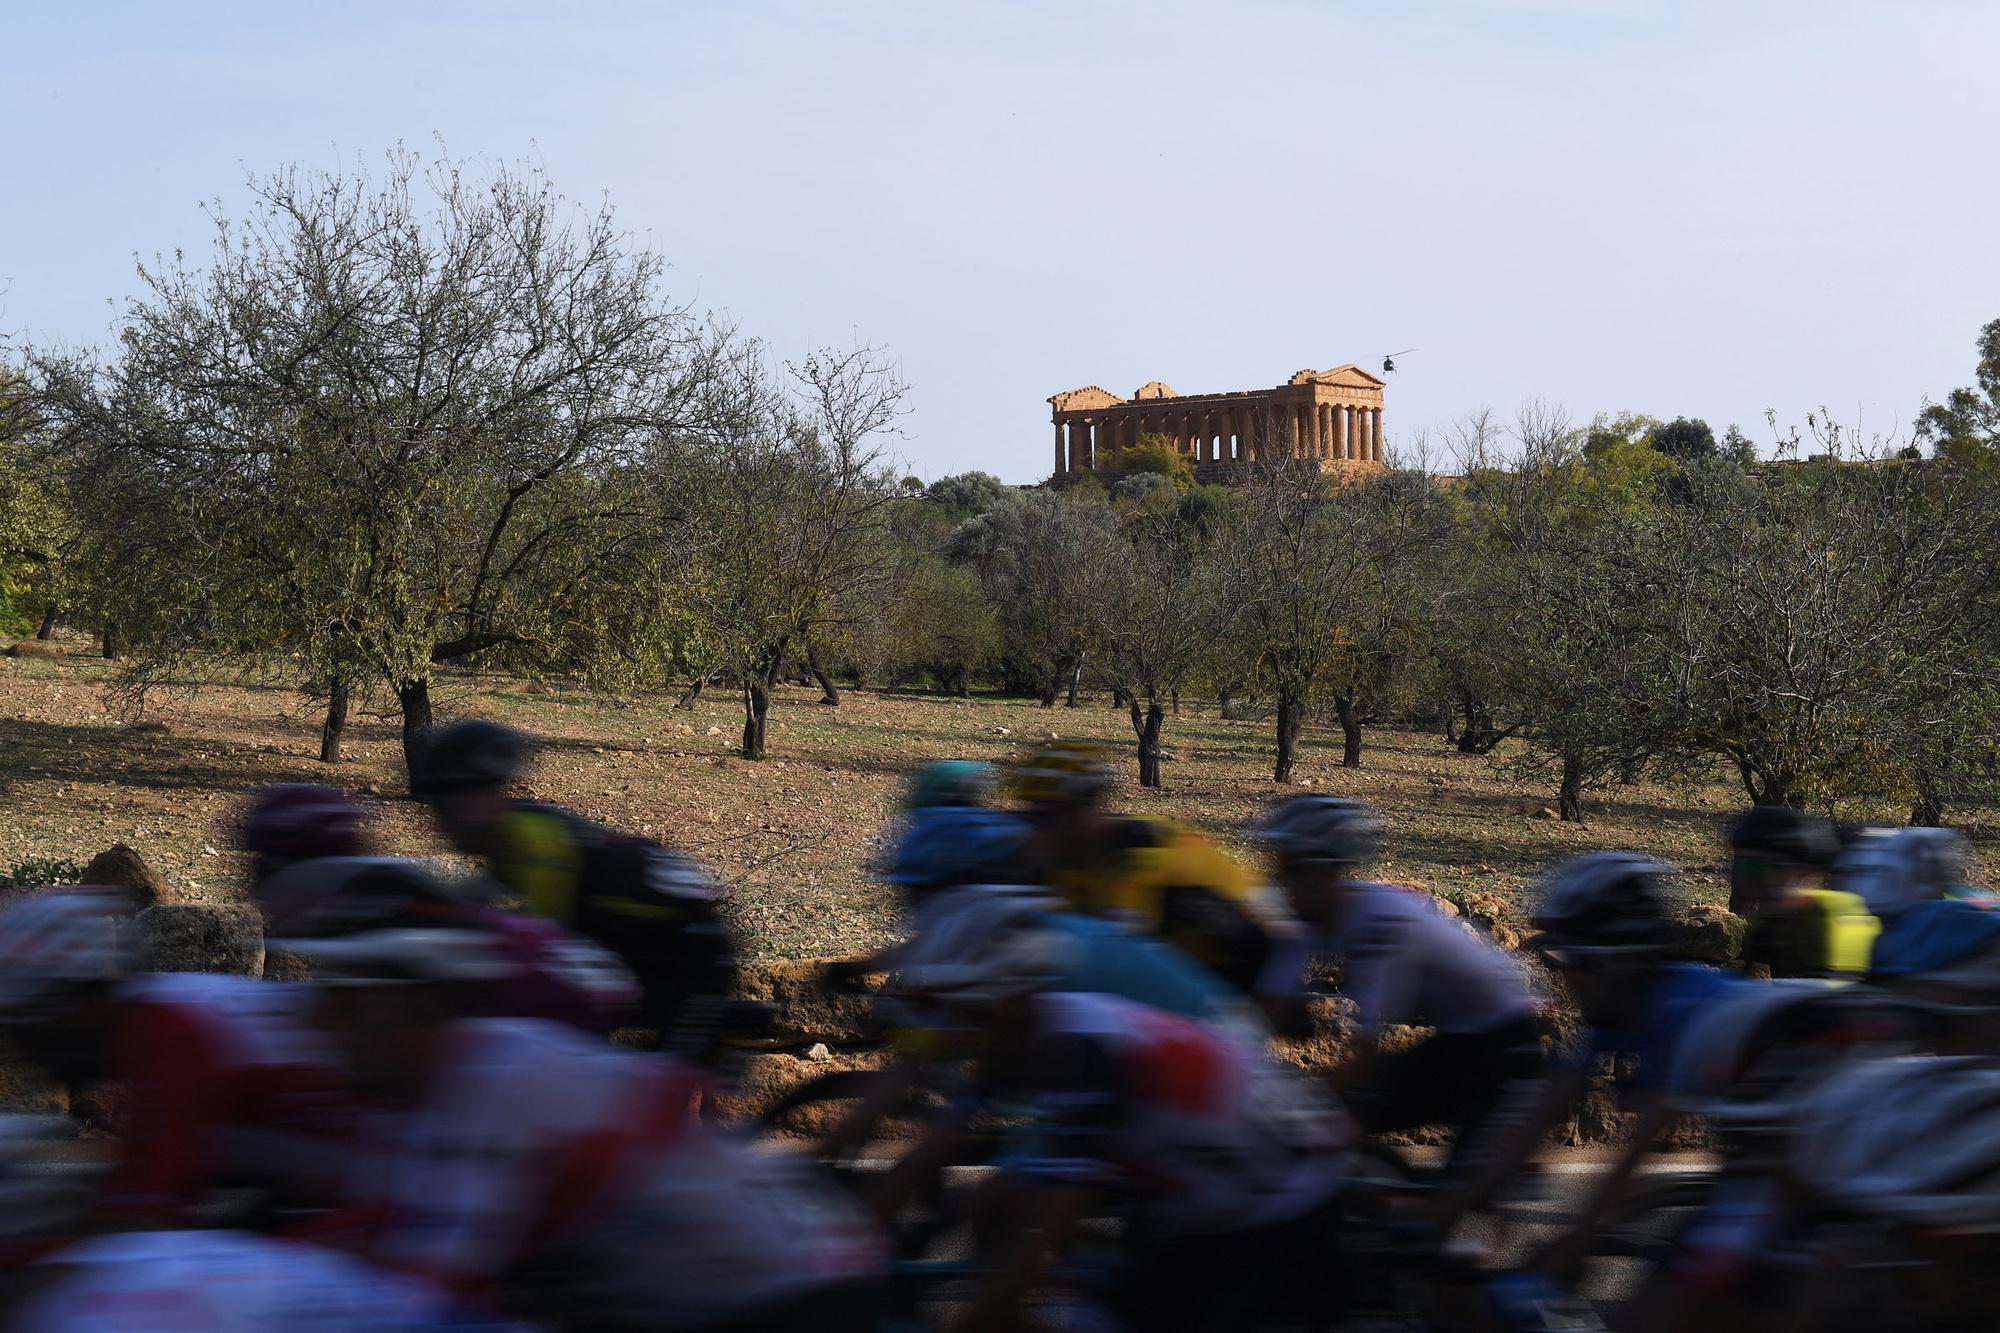 De renners reden voorbij de 'Valle dei Templi', de vallei van de tempels., GETTY